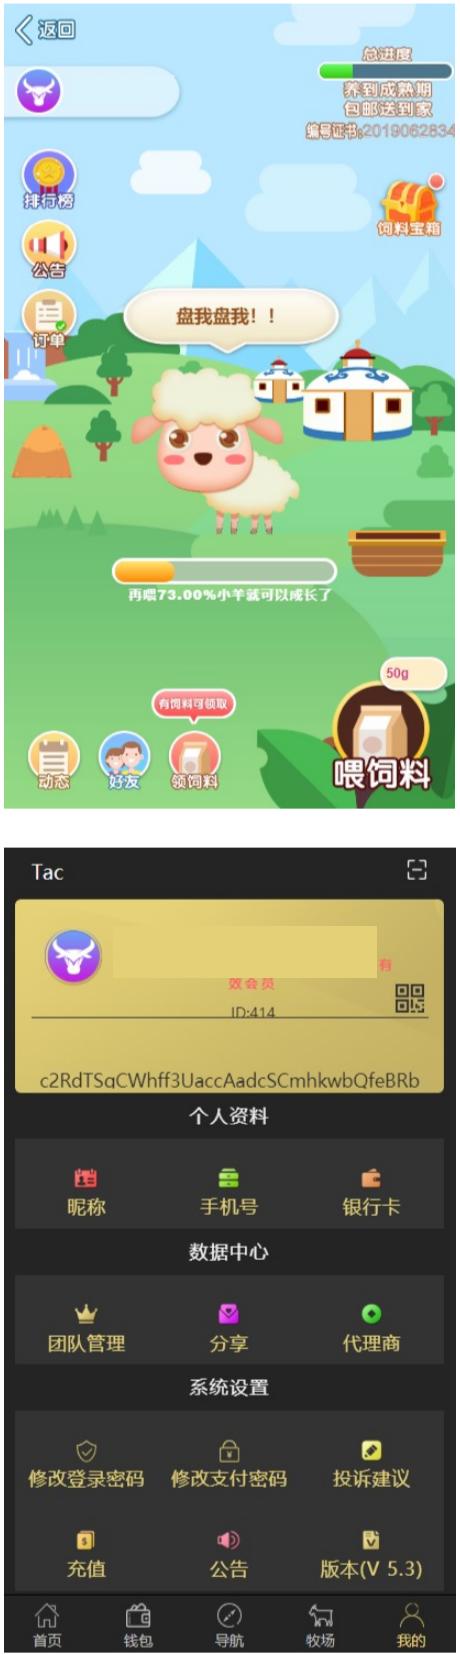 token虚拟币农场牧场游戏区块链金融USDT新版网站源码 多语言+去后门-爱资源分享